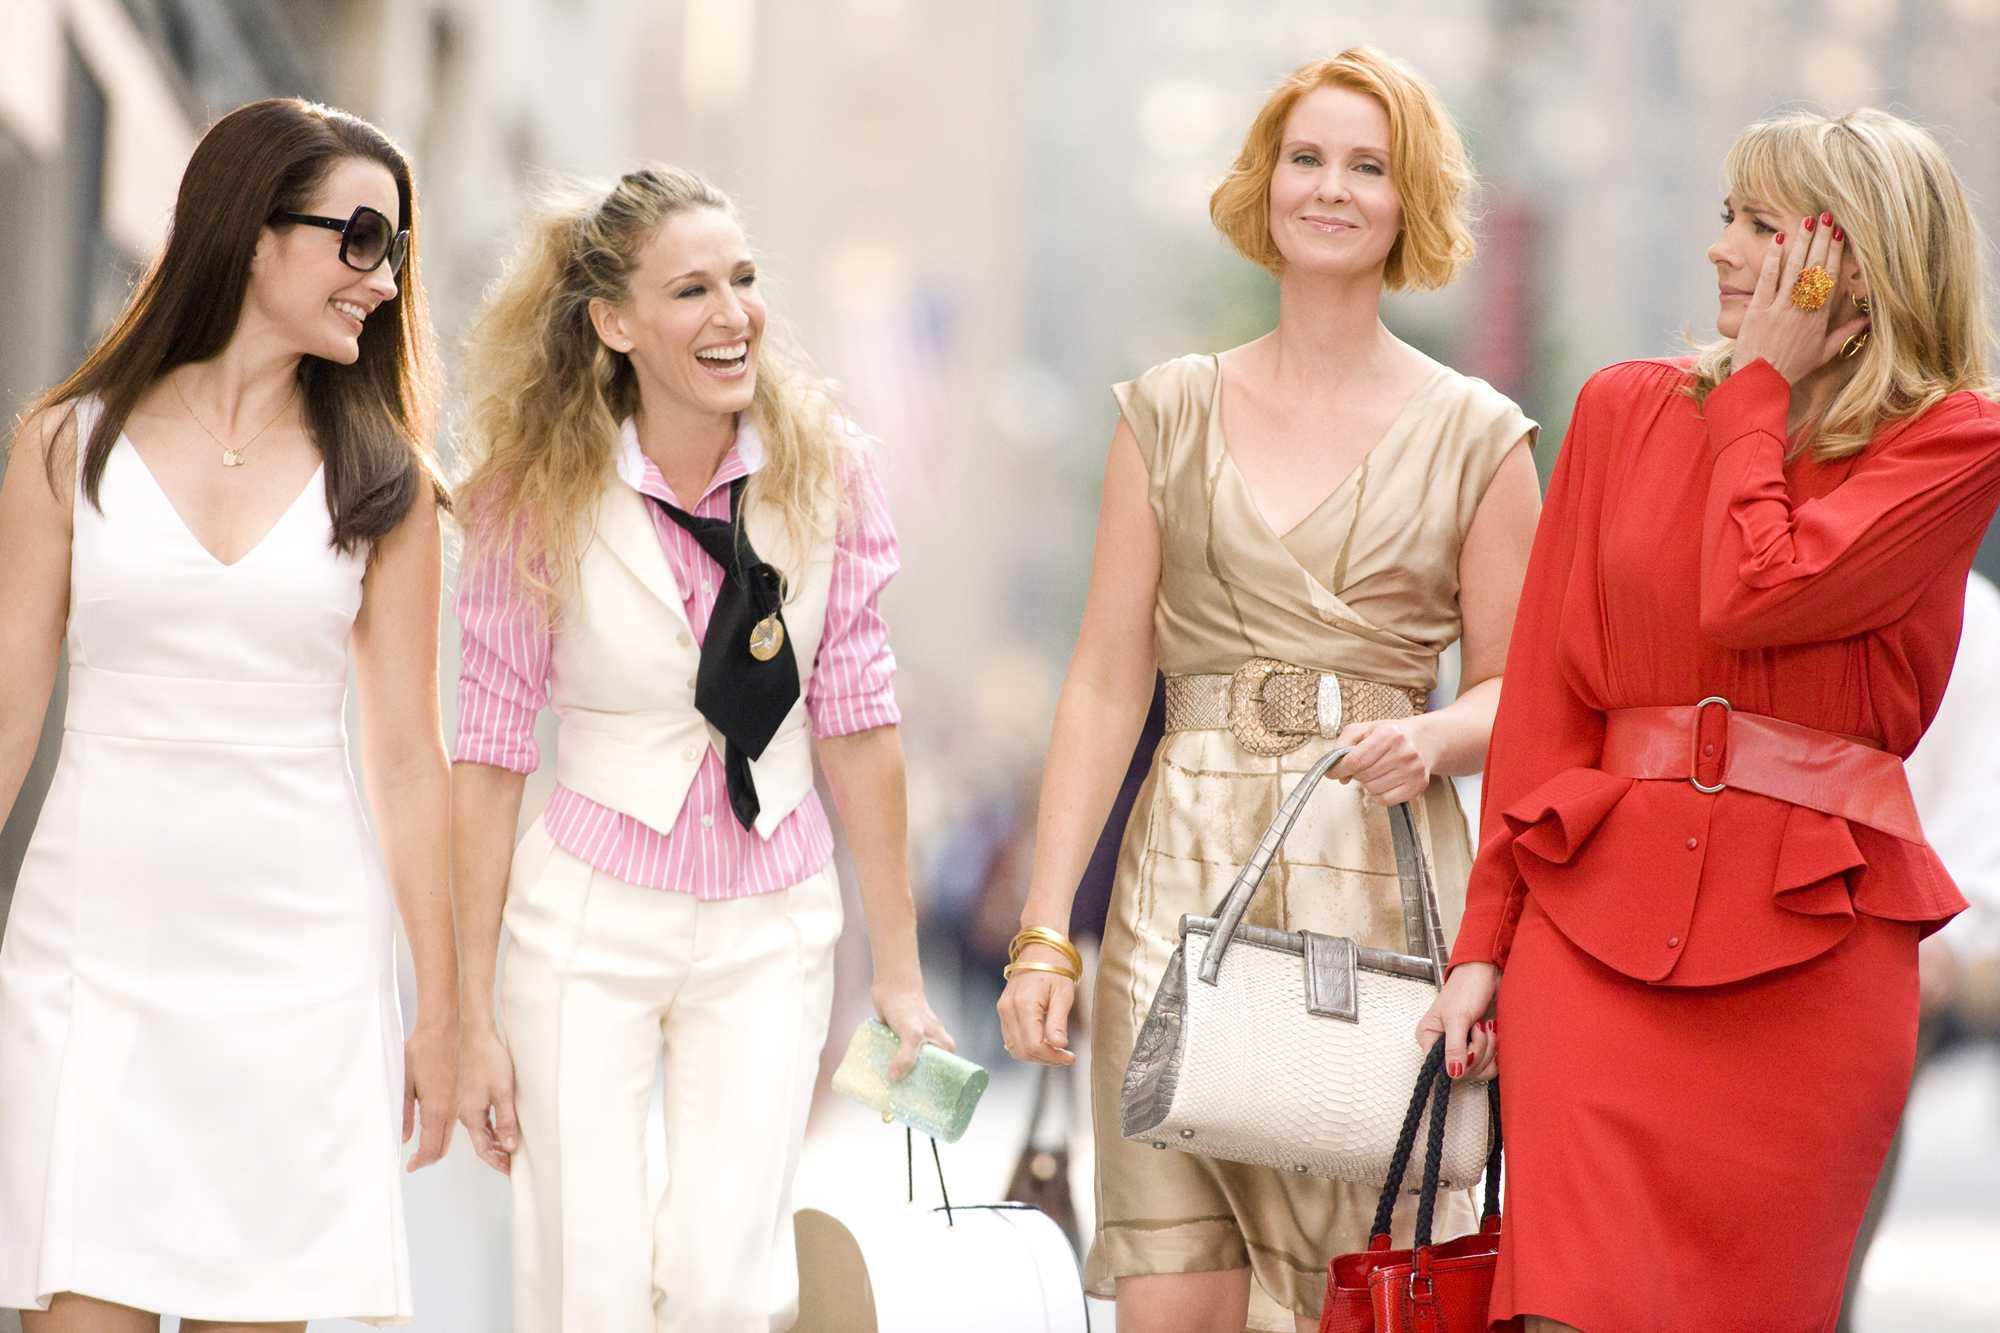 Film Seks v mestu je kot ogled modne revije.